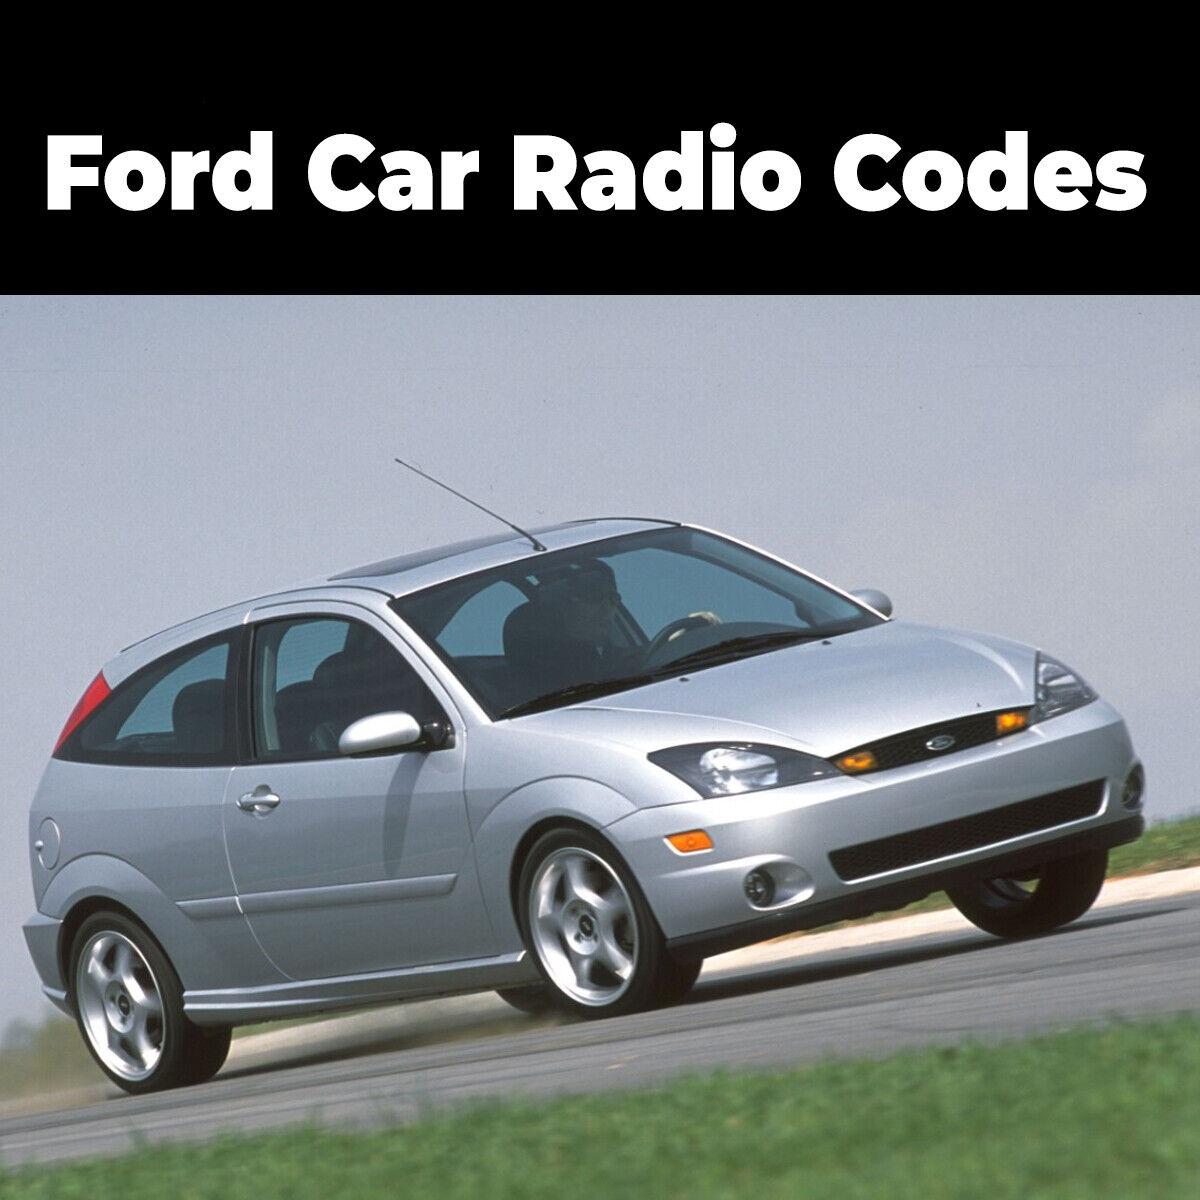 ford car radio codes